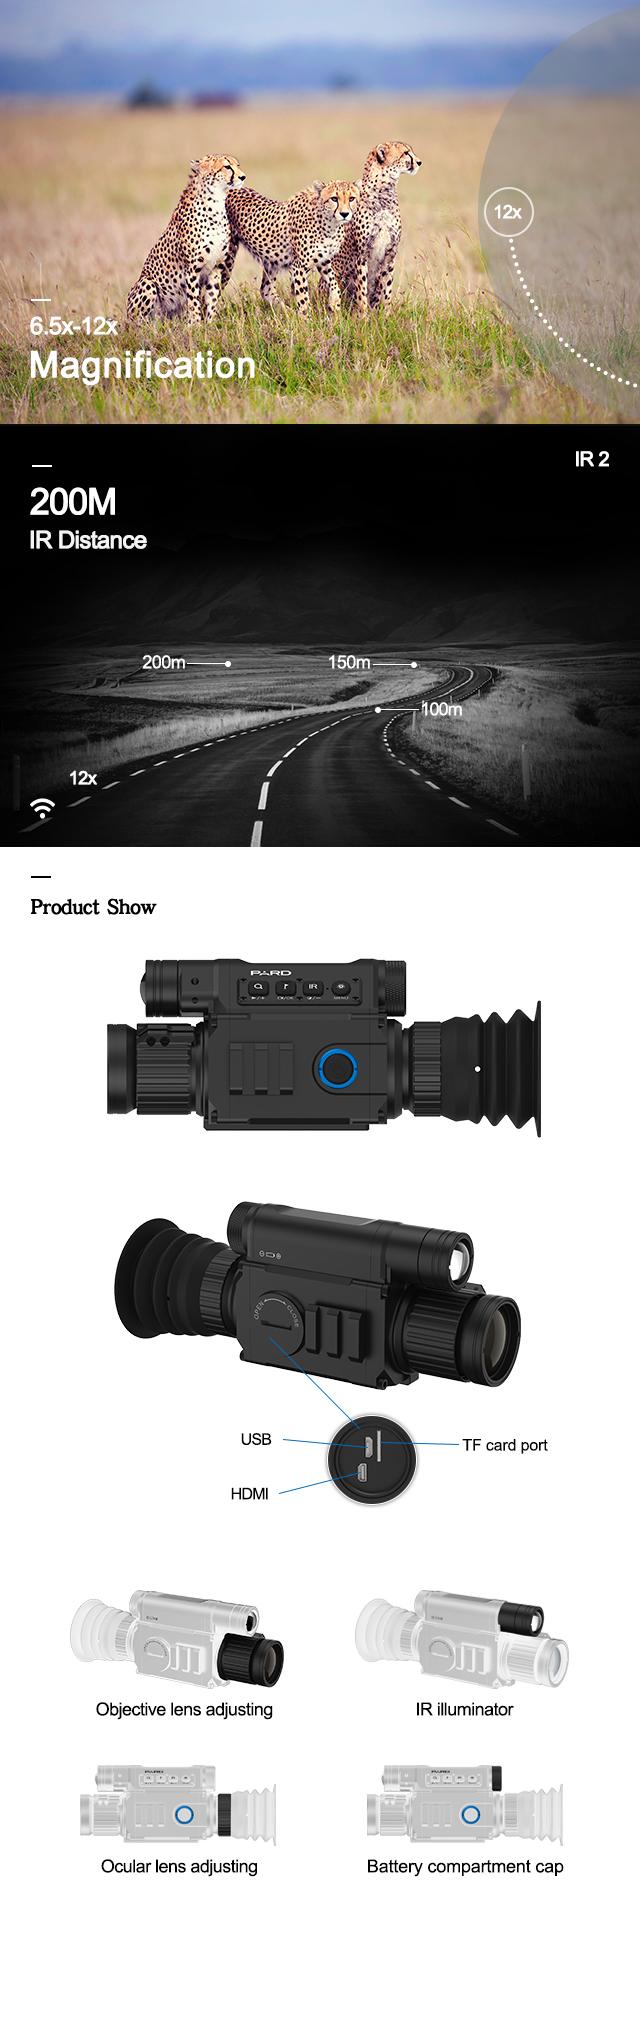 Night Vision IR Monocular details pic